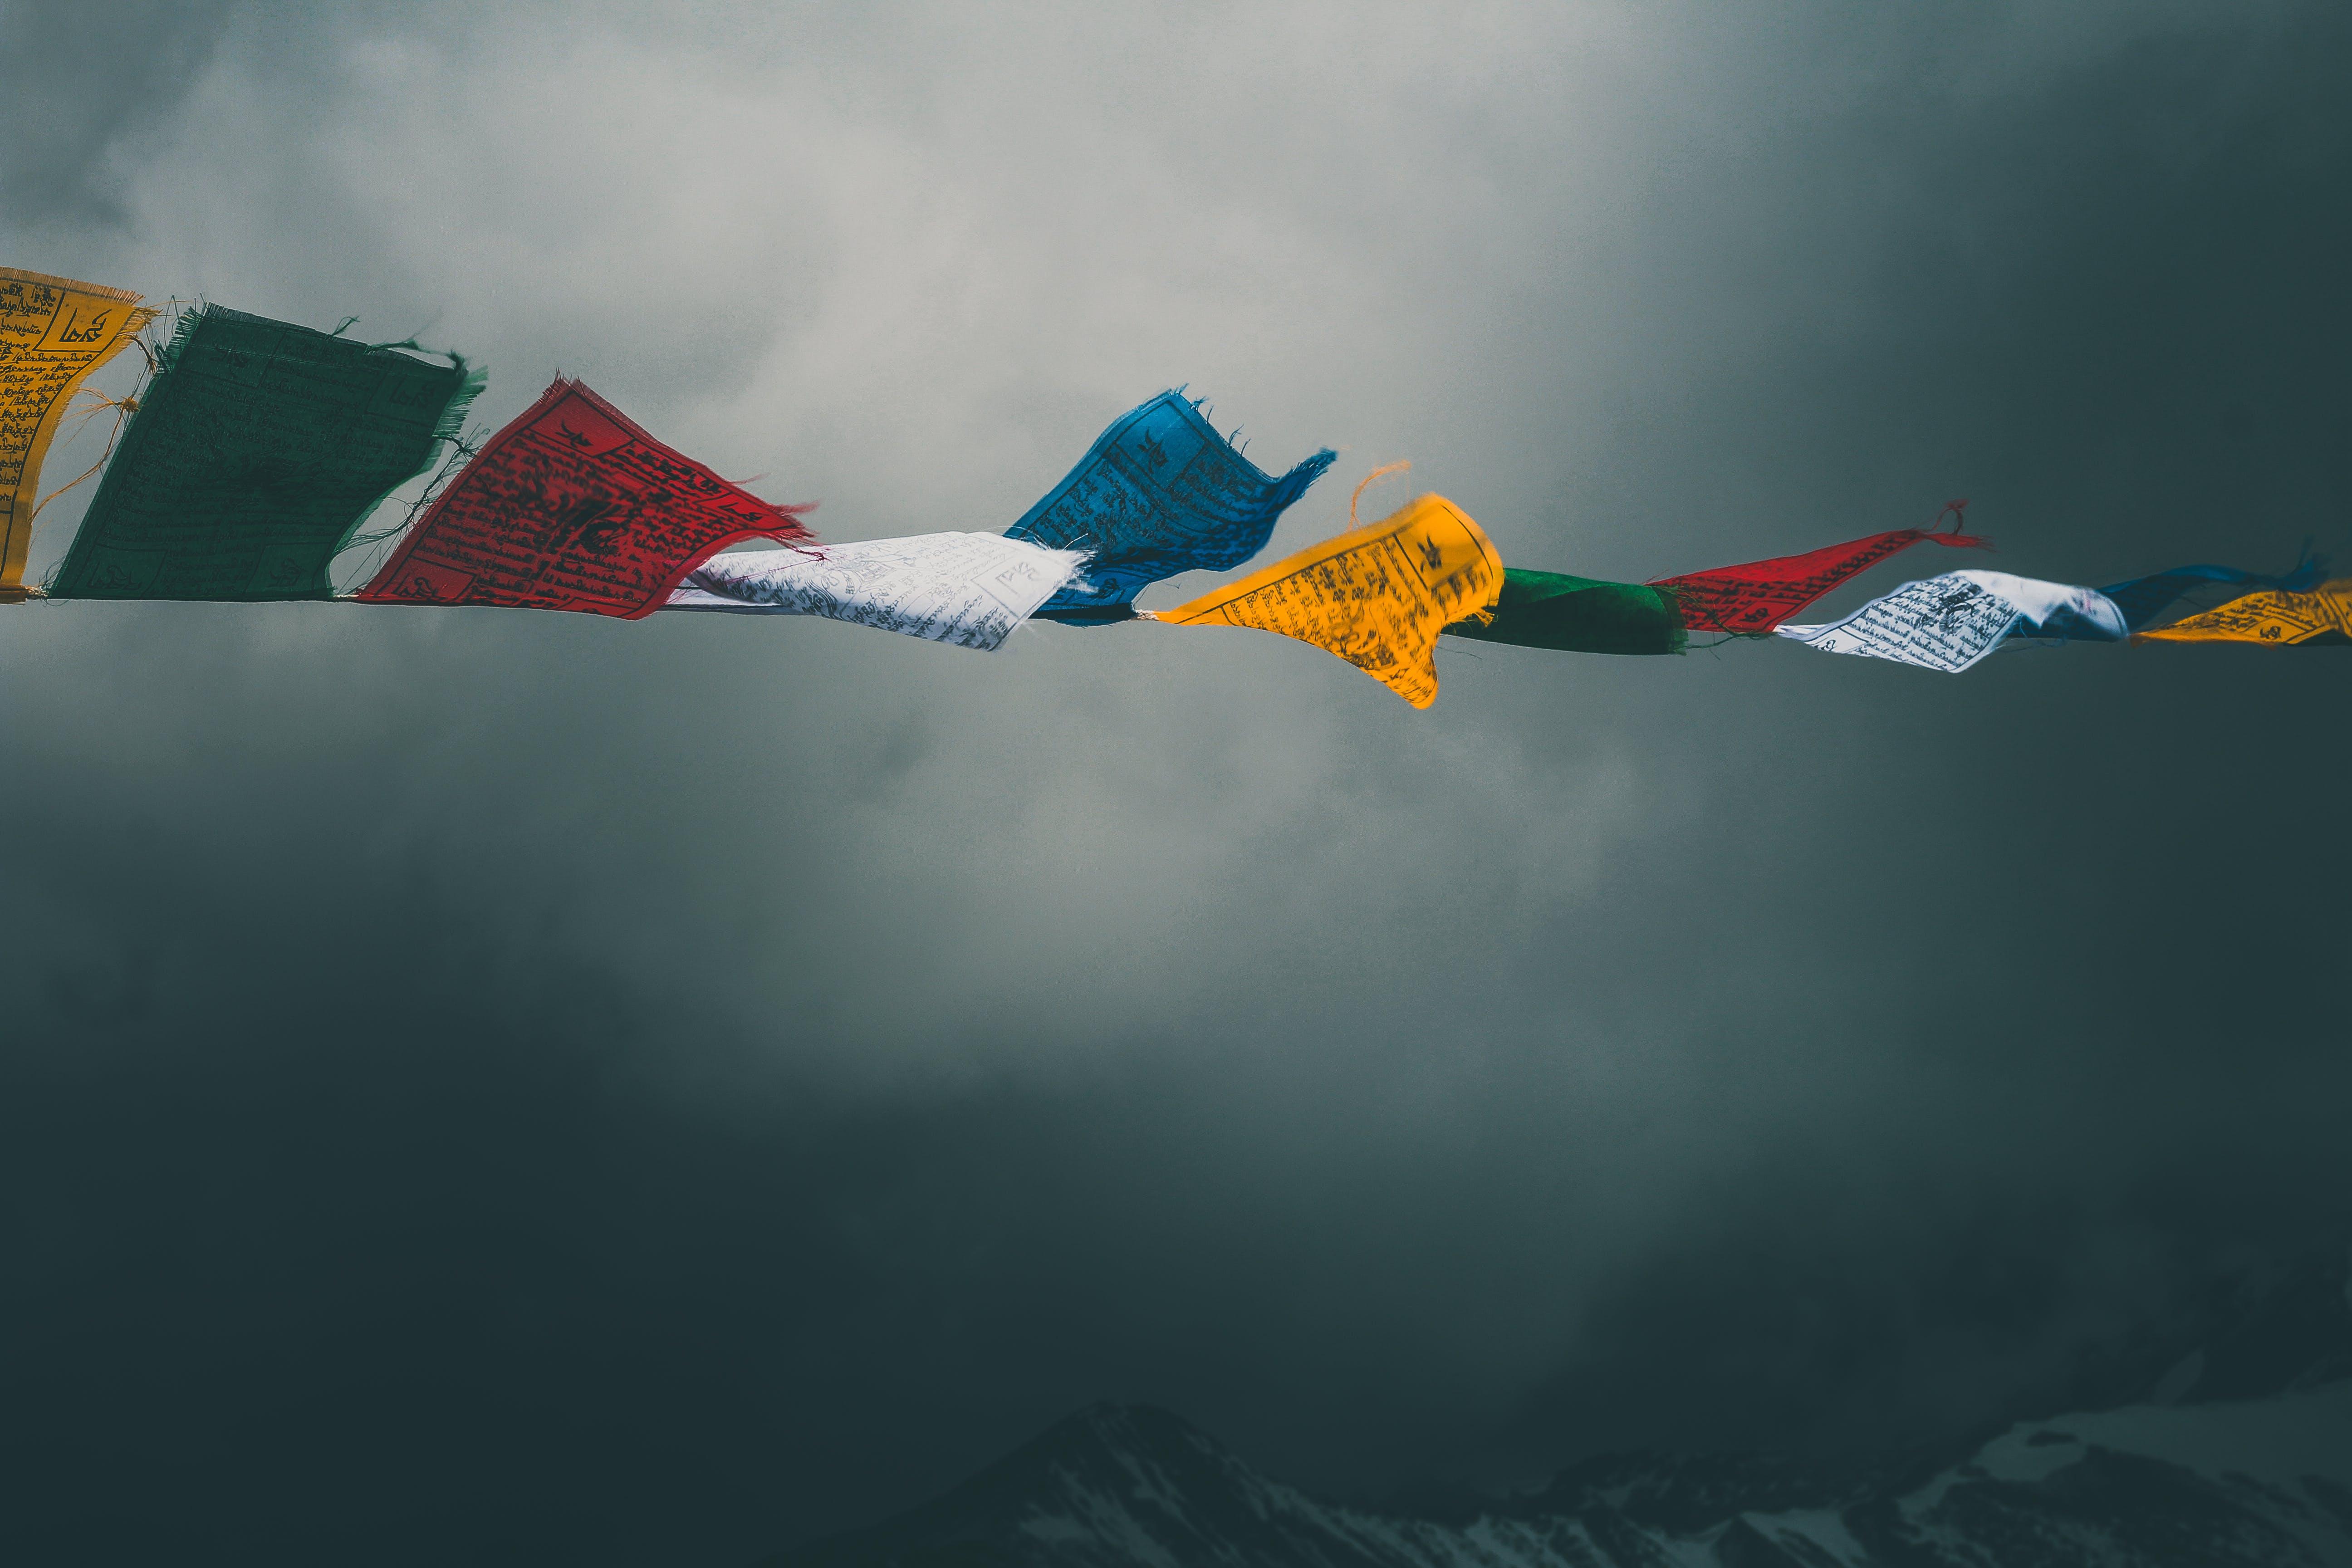 cloudscape, アウトドア, ローアングル写真, 旗の無料の写真素材